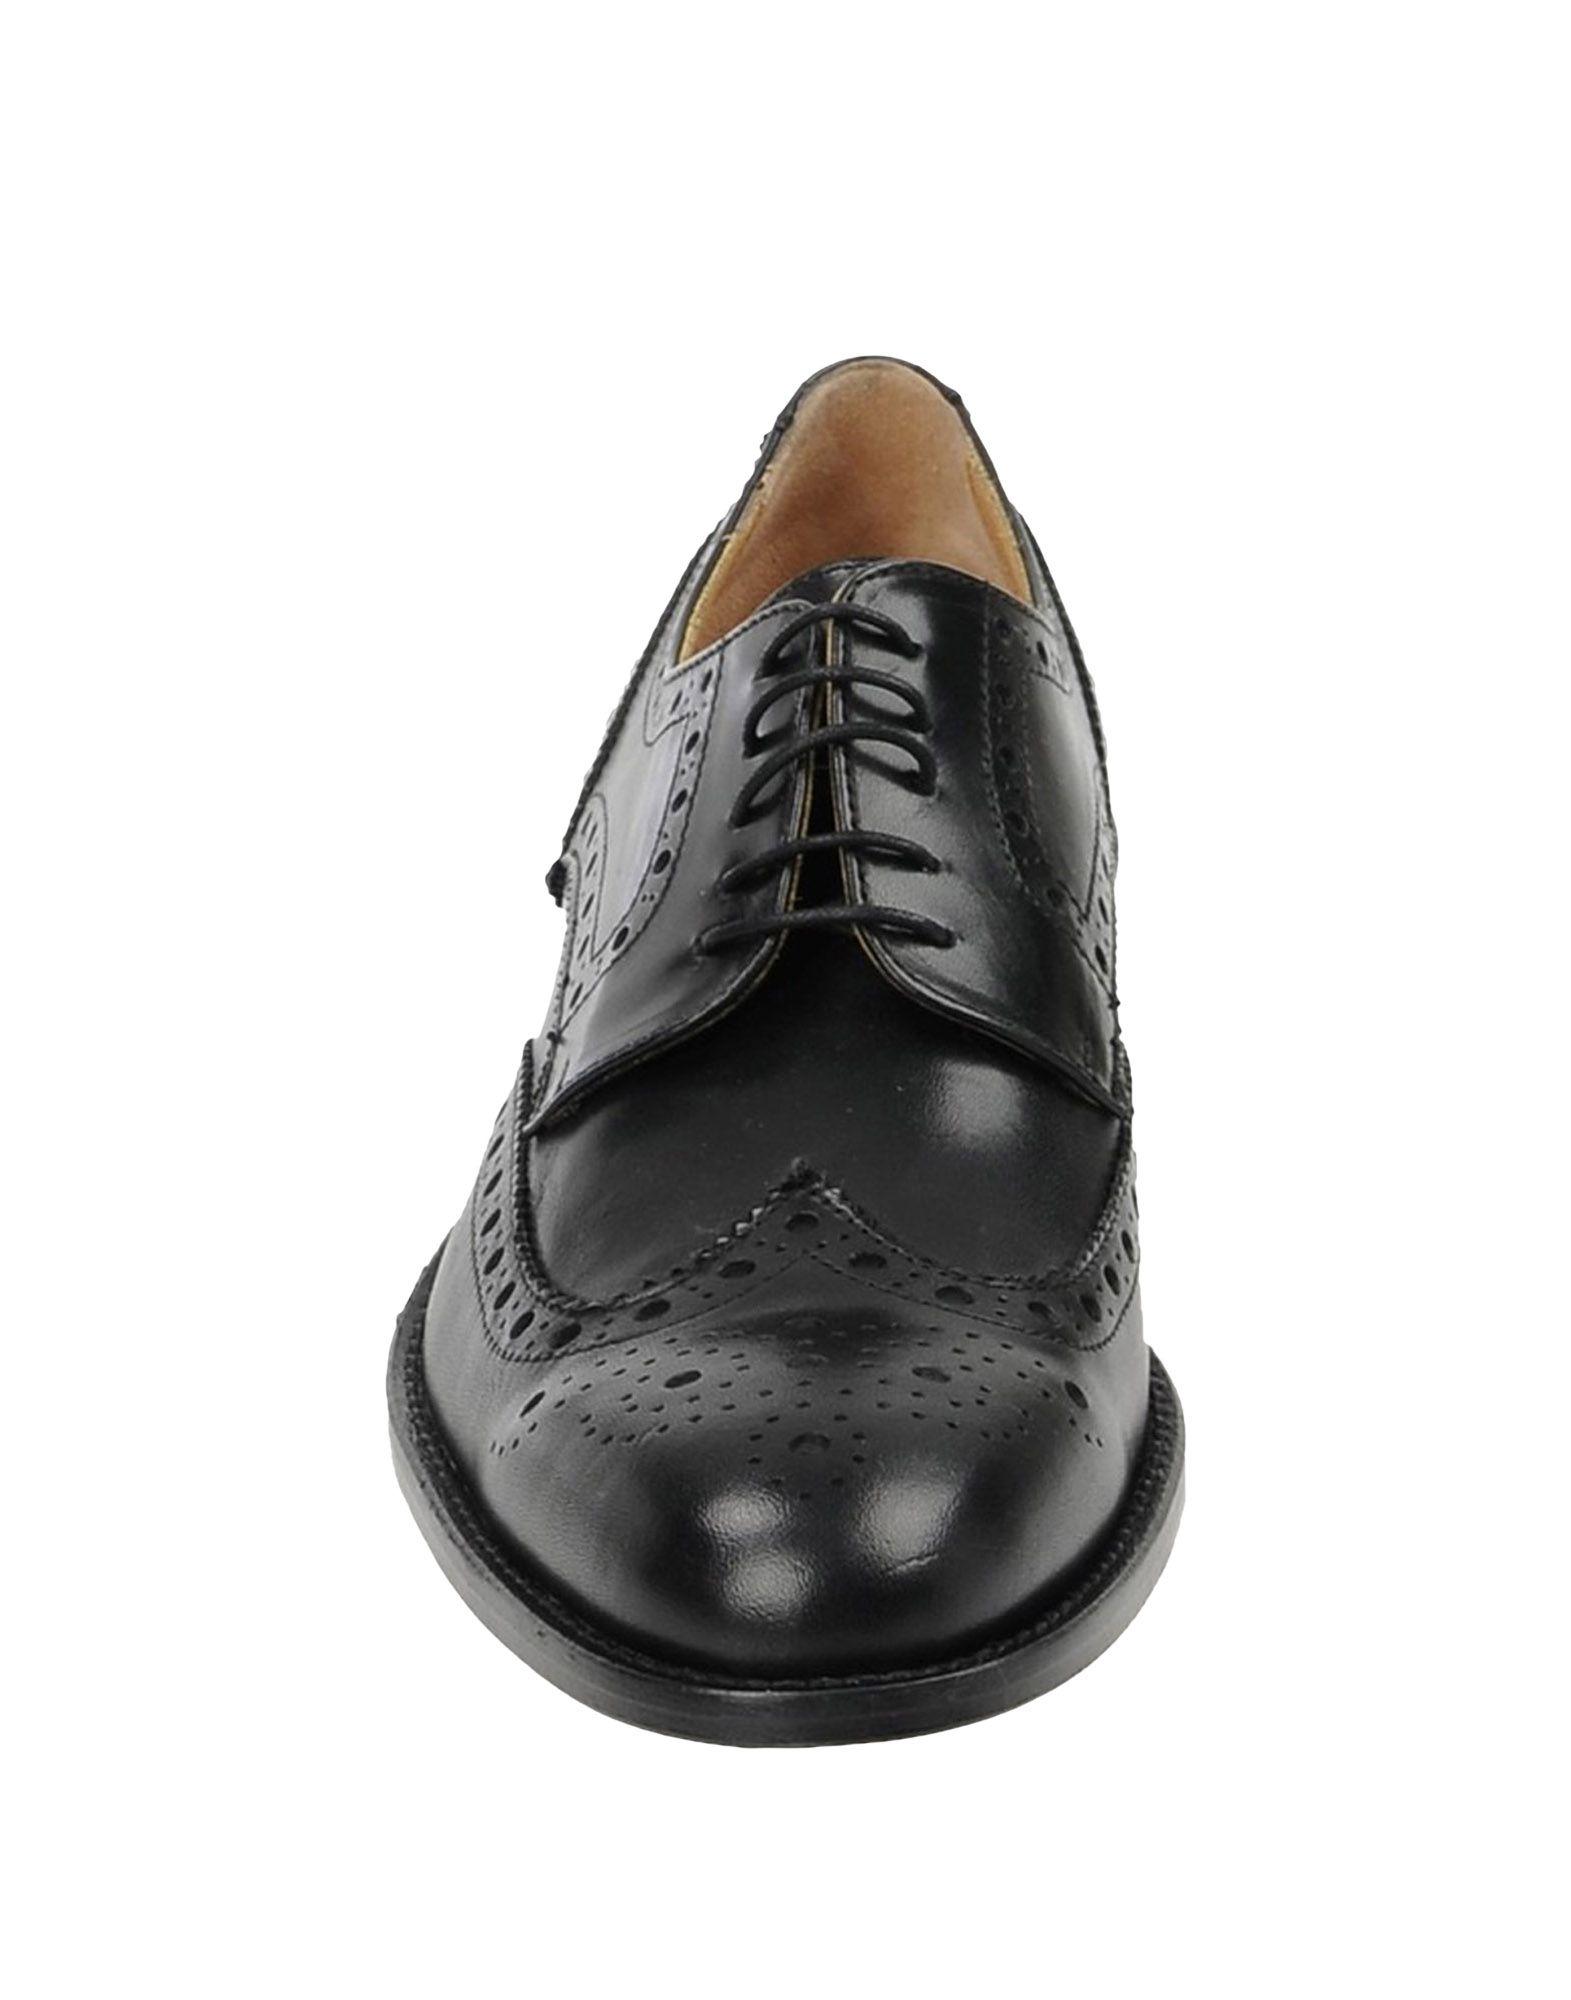 Rabatt echte Schuhe Herren Leonardo Principi Schnürschuhe Herren Schuhe  11422522HS d6f3bf